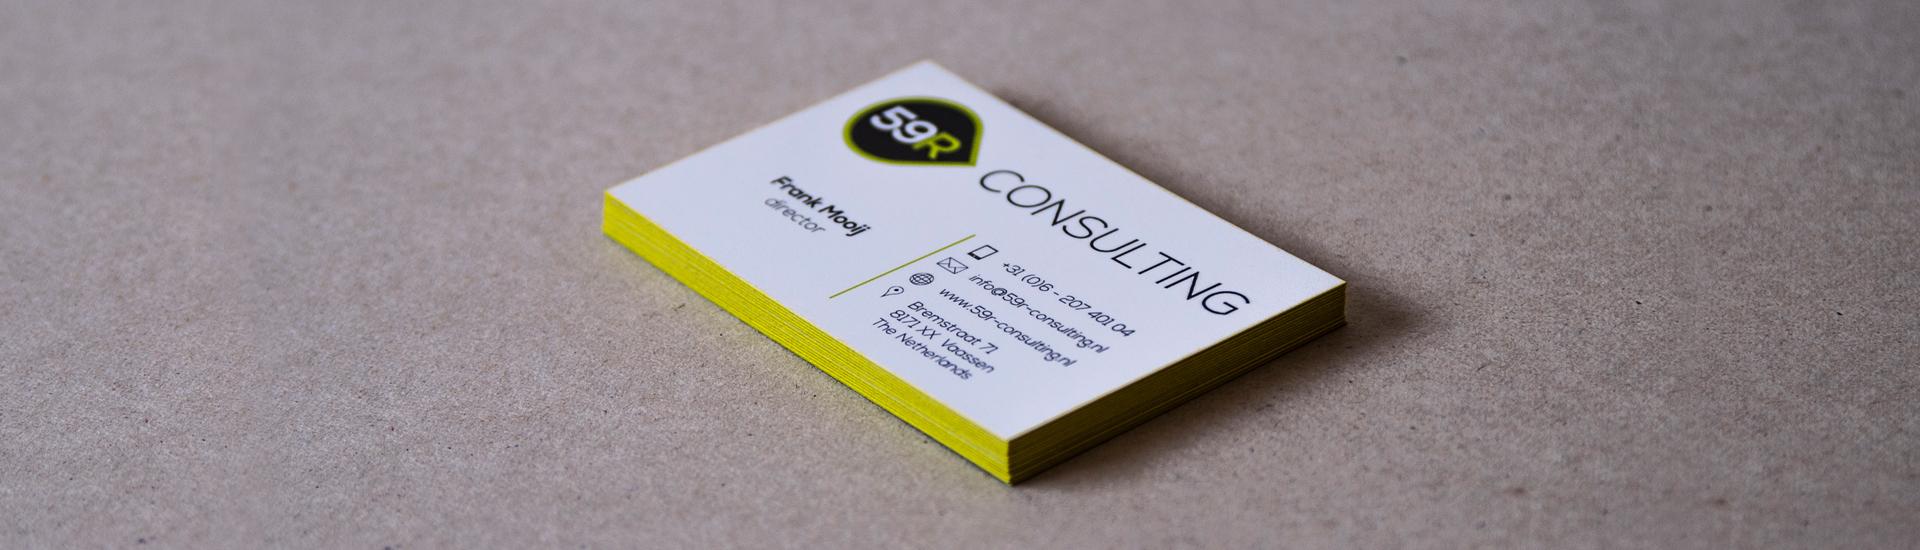 mooijer-graphic-59r-consulting-visitekaartje-voorkant